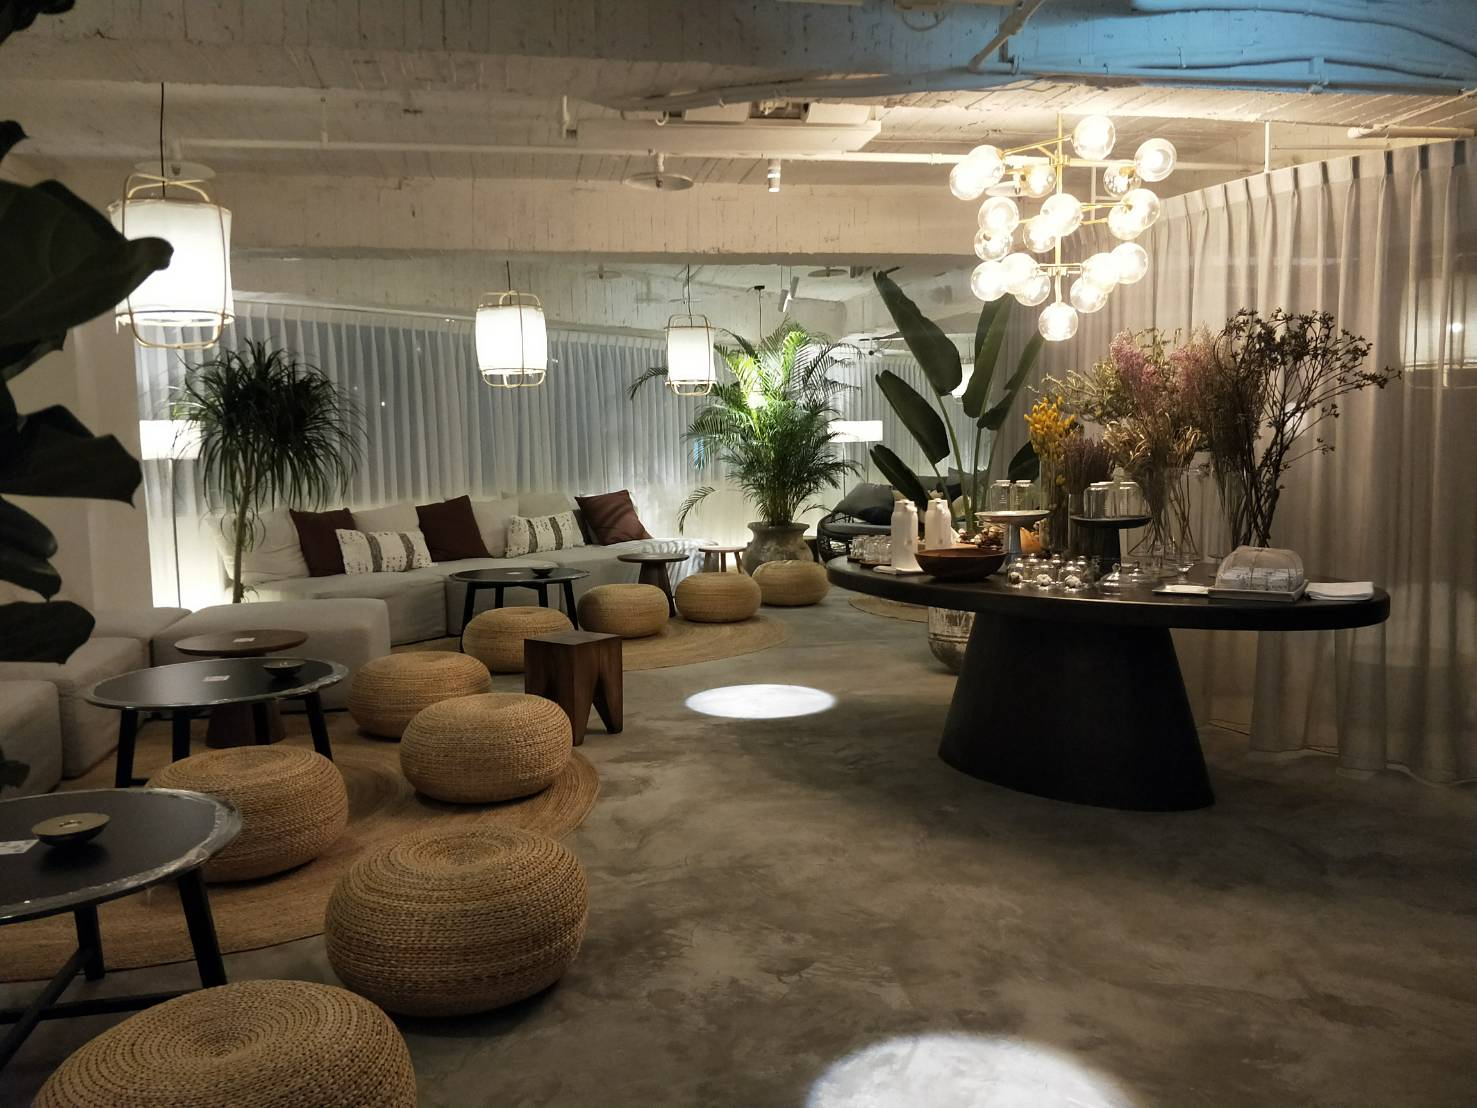 2019 台北中山區頂級按摩,高級美容SPA館-33莊園 五感按摩空間 @東南亞投資報告